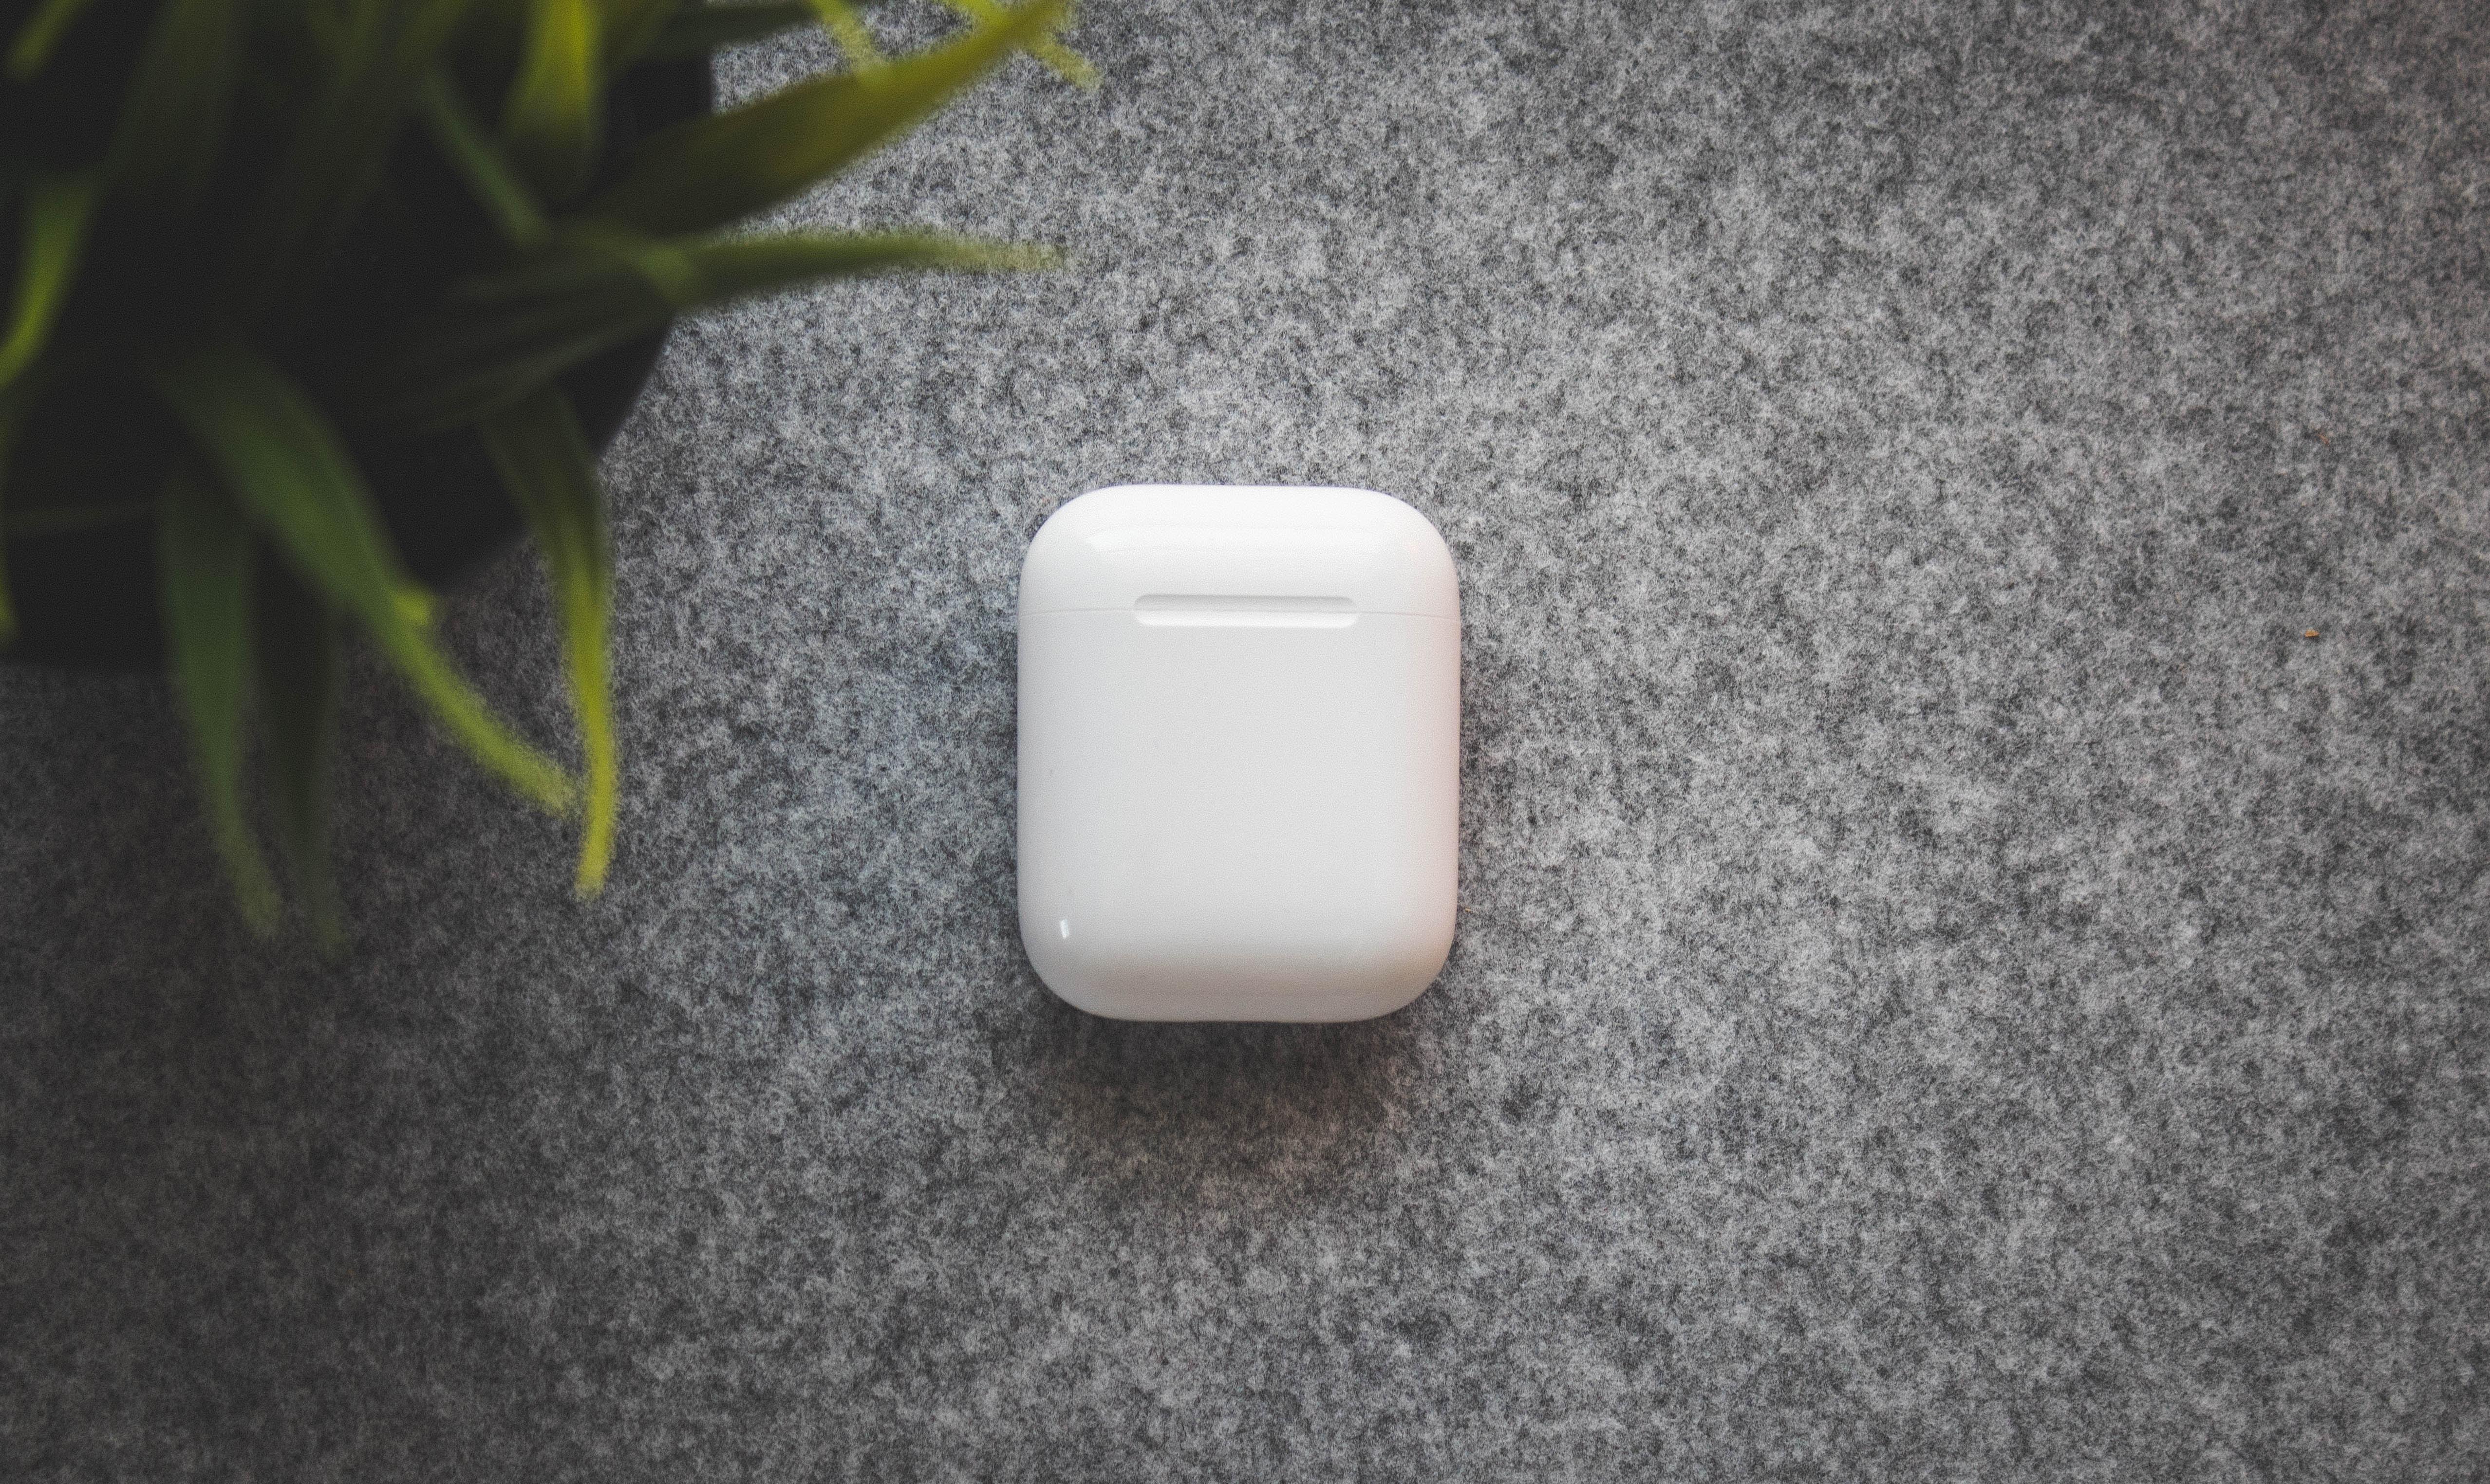 Apple AirPods 2 : bon prix pour le boitier filaire